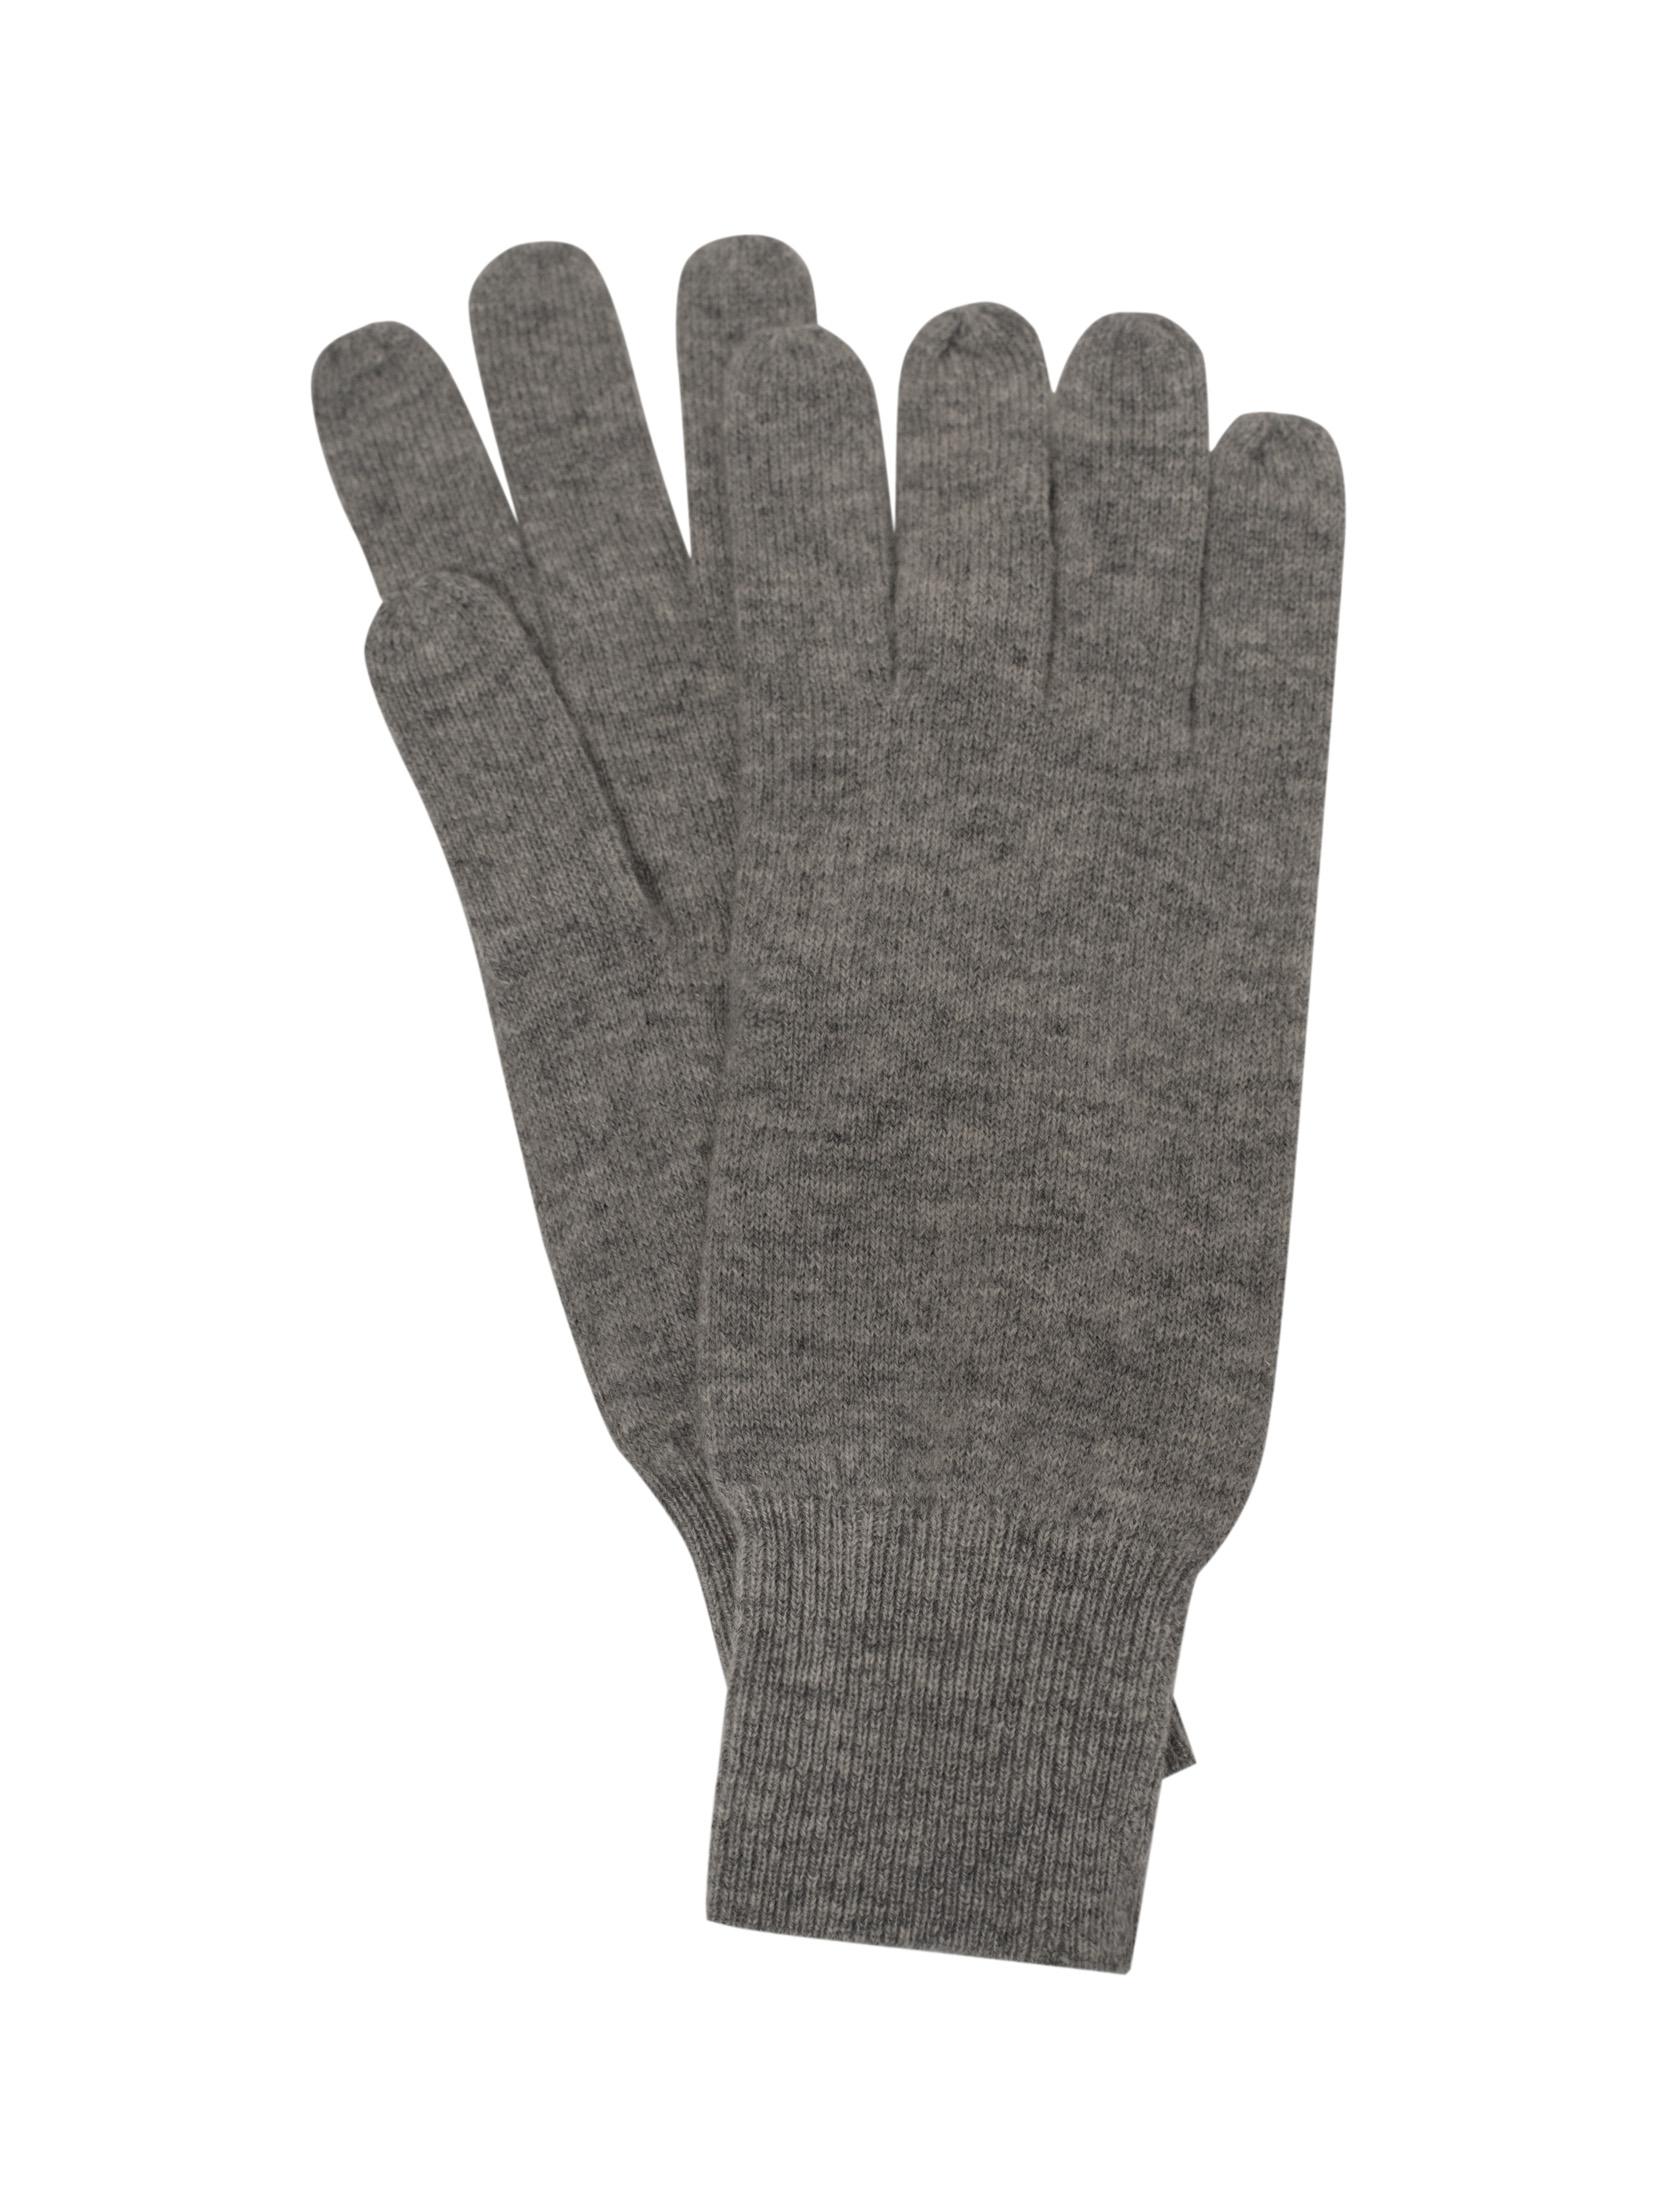 Handschuhe MAGGS grau